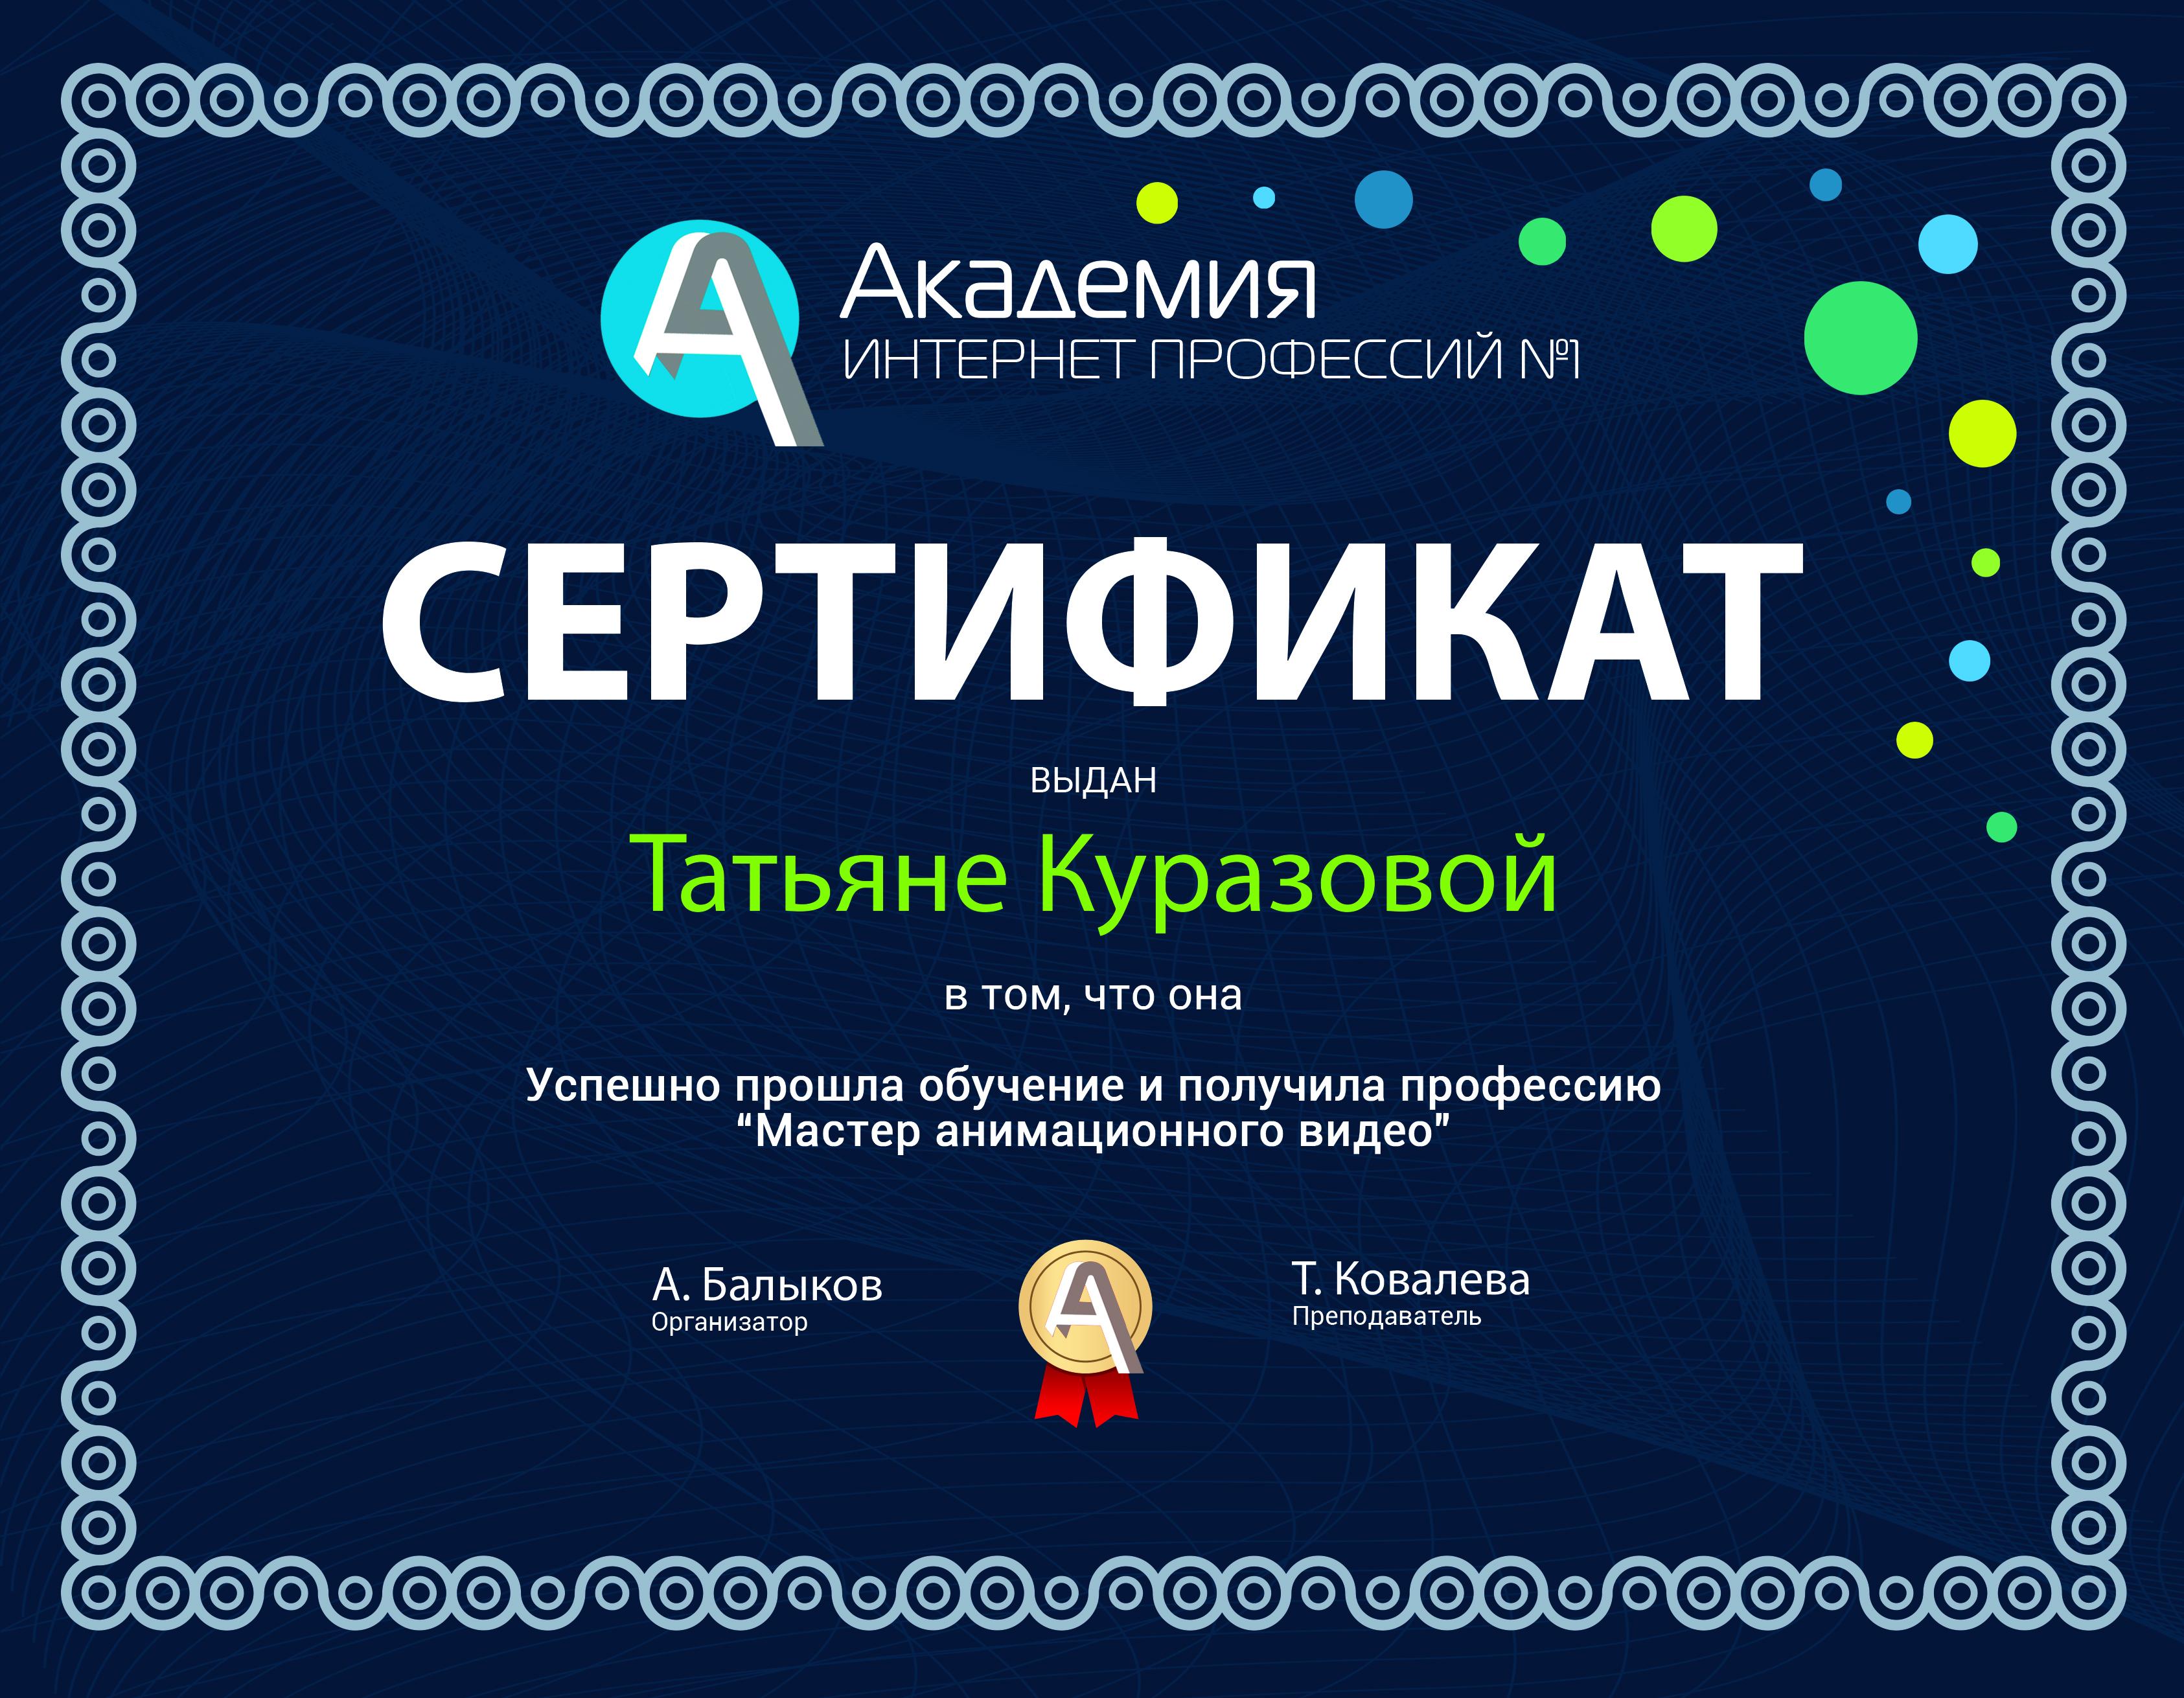 Сертификат Анимац.видео